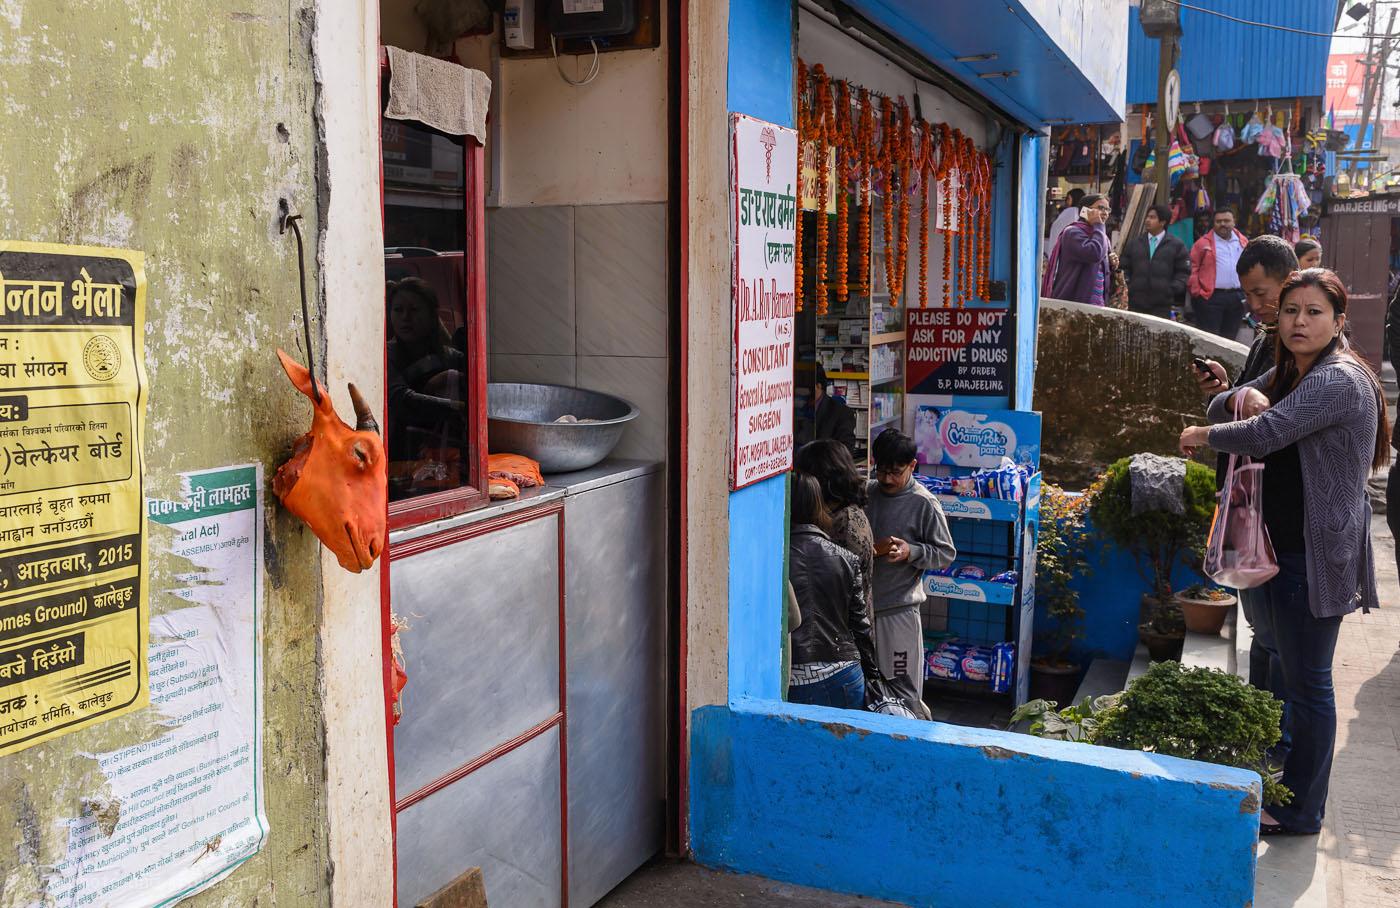 Фотография 15. Лавка козлиных голов в Дарджилинге, расположенная справа от ресторана Chopstix Bar & Restaurant. 1/125, 9.0, 200, 32.